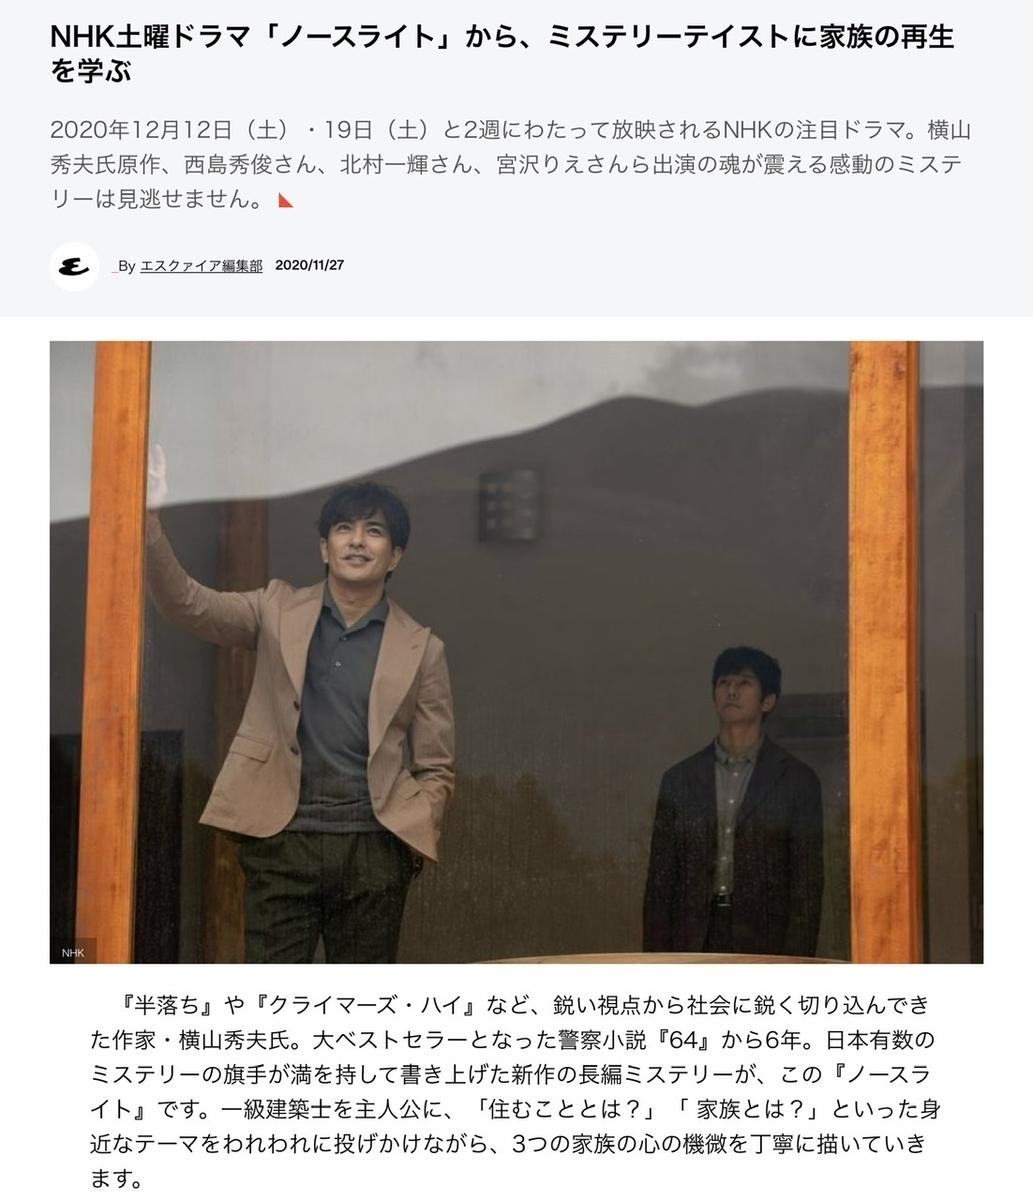 f:id:yujiro-1:20210116053852j:plain